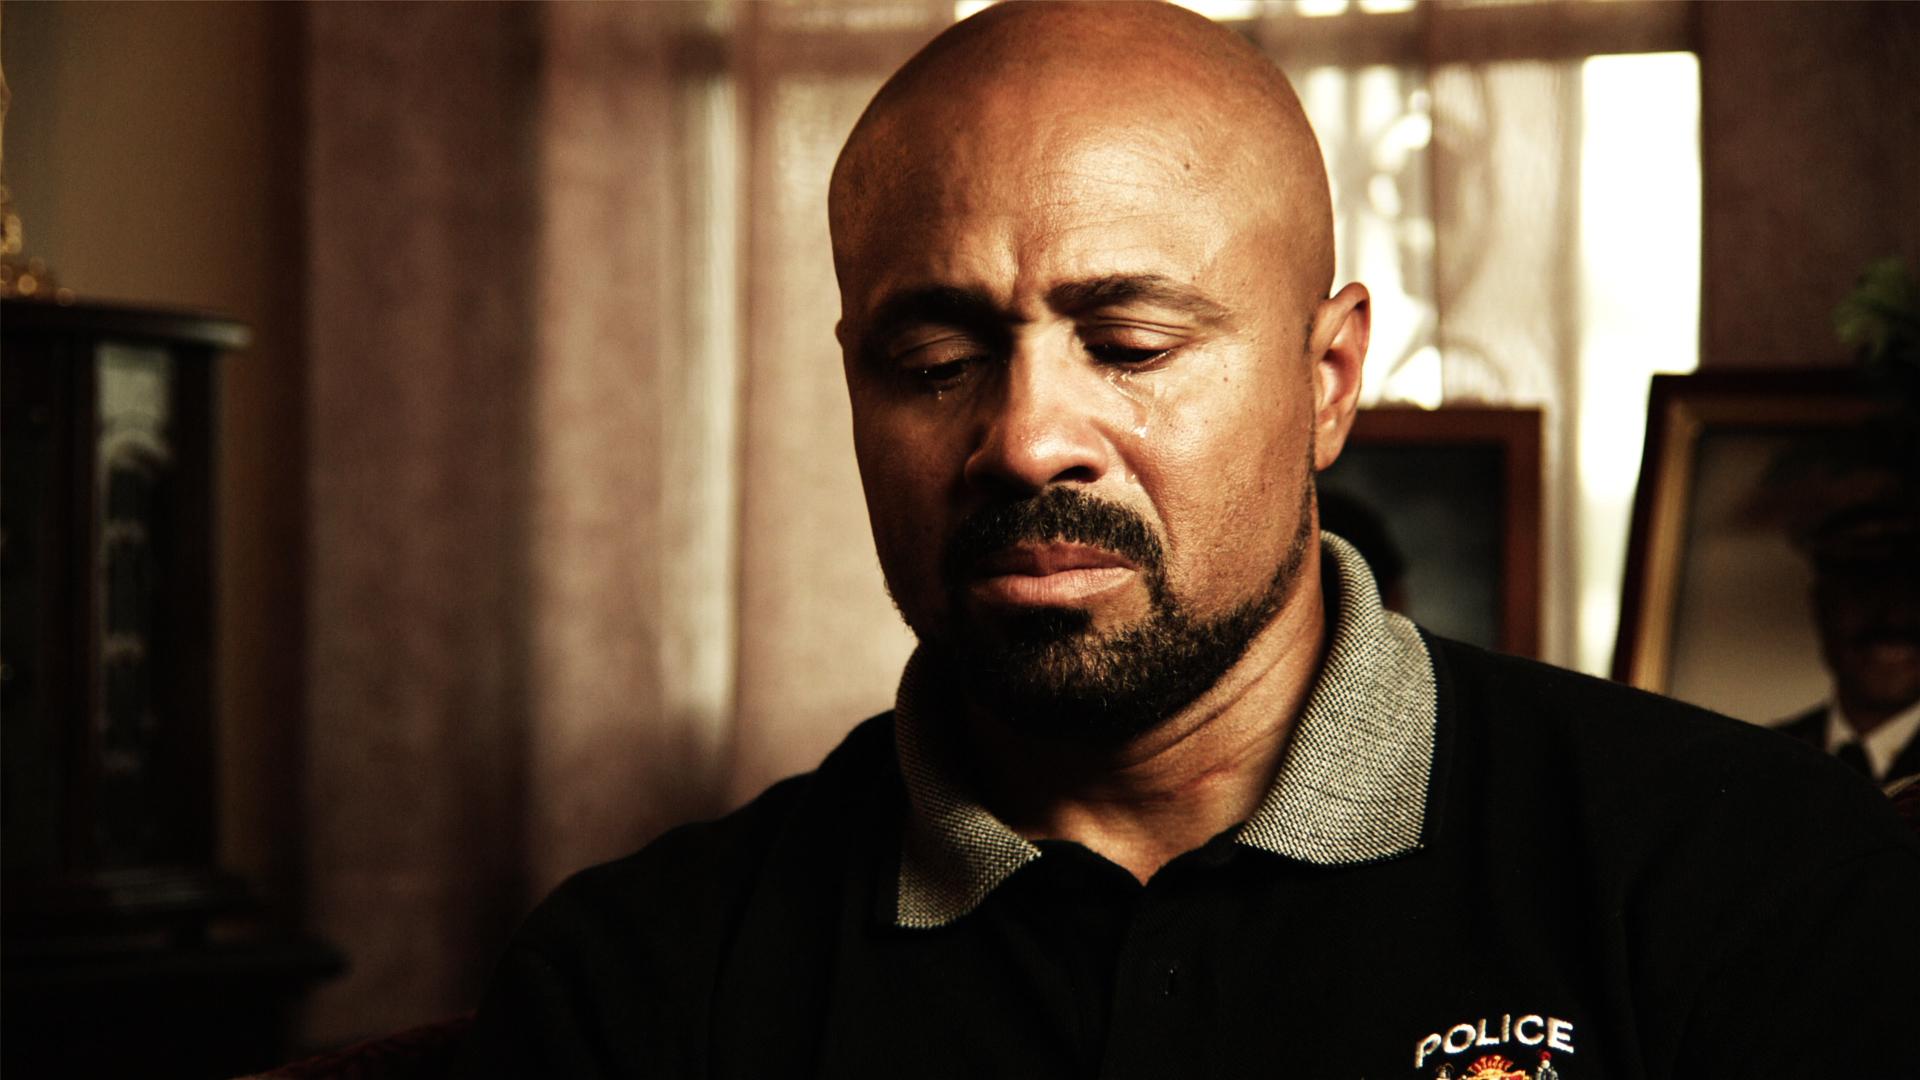 Come fare soldi vendendo droga: la commozione dell'agente Neill Franklin, 33 anni di servizio nell'antidroga, in una scena